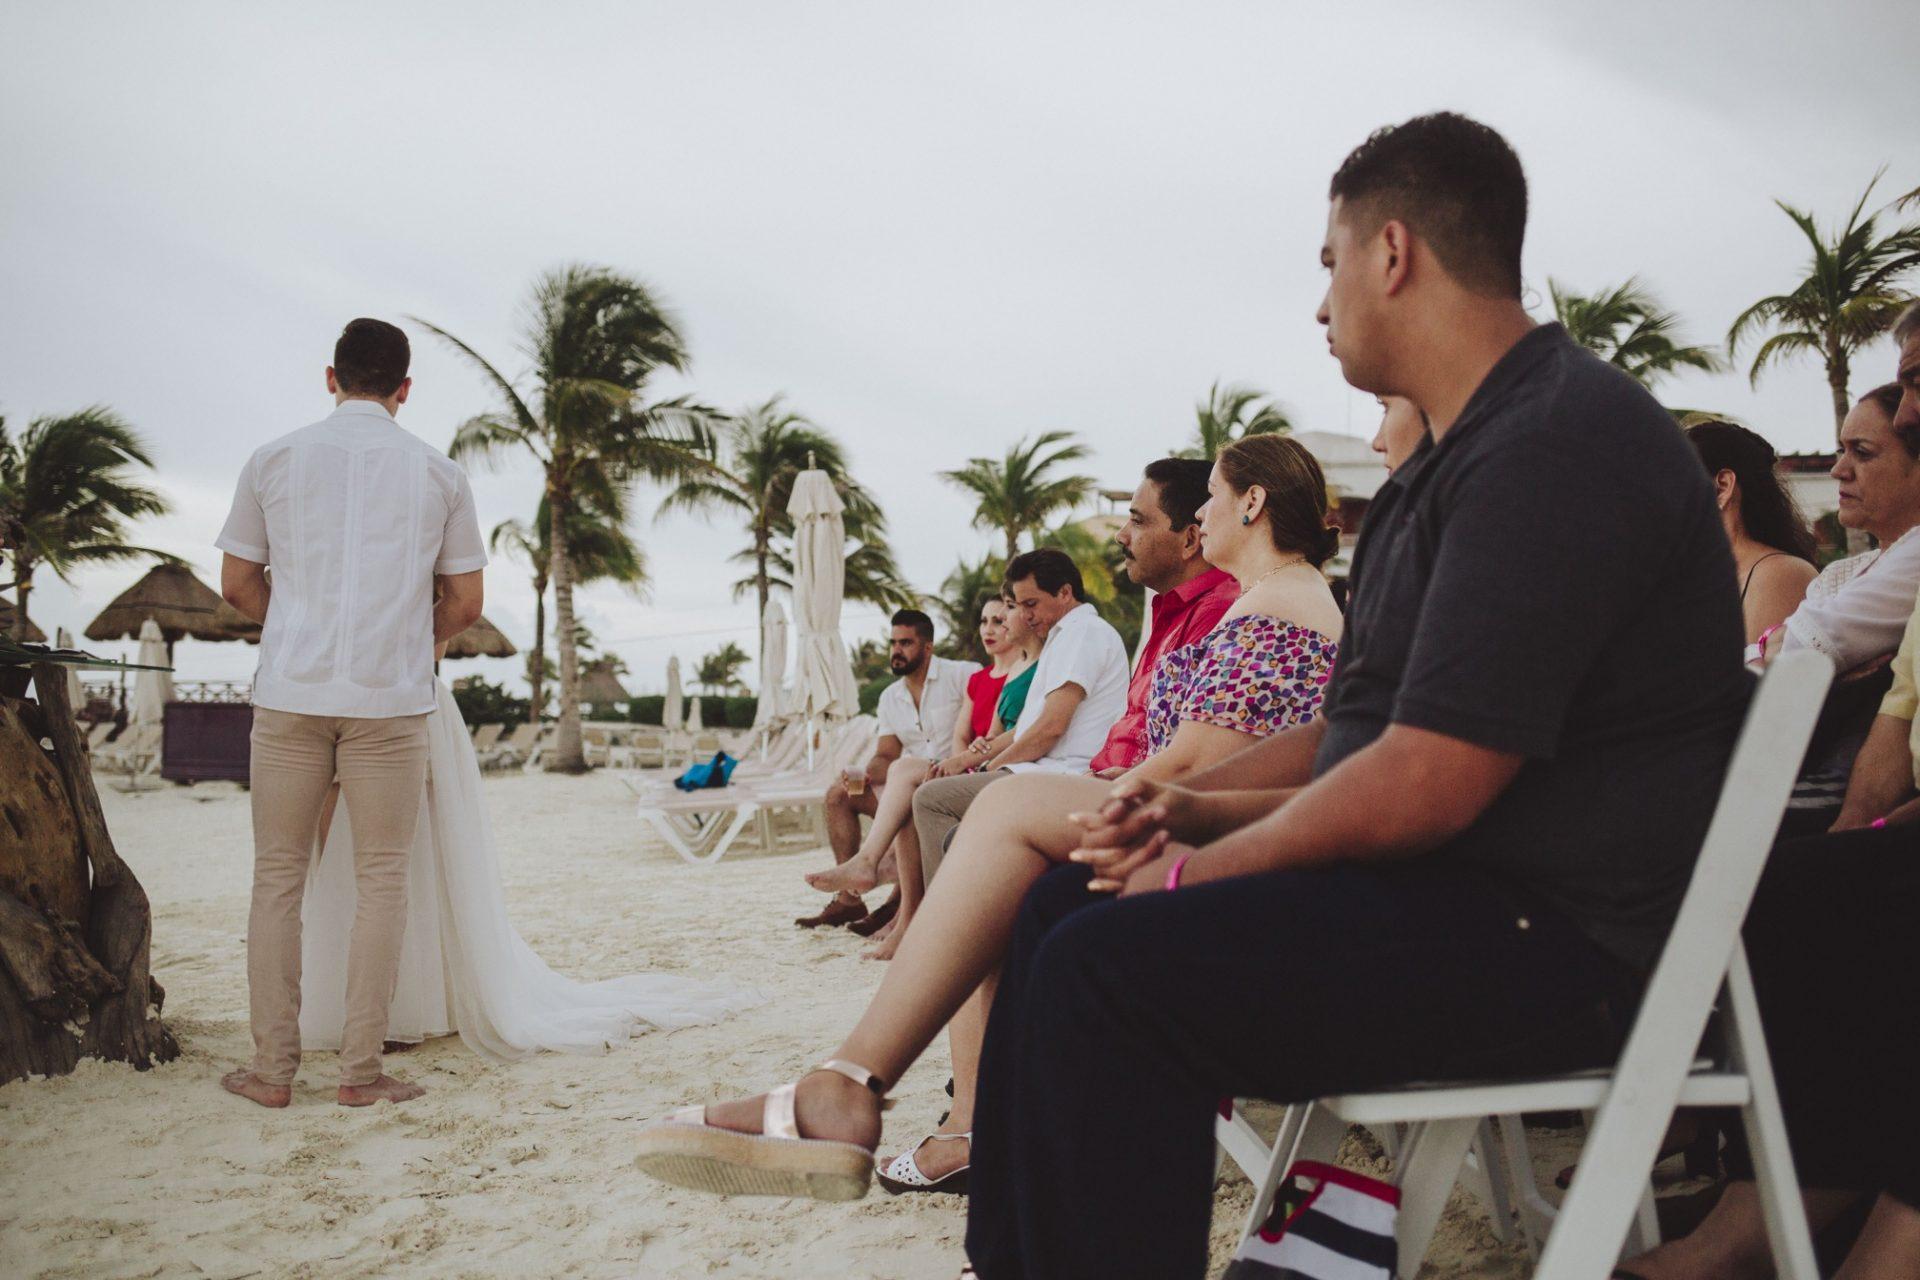 fotografo_bodas_profesional_zacatecas_riviera_maya_cancun-49